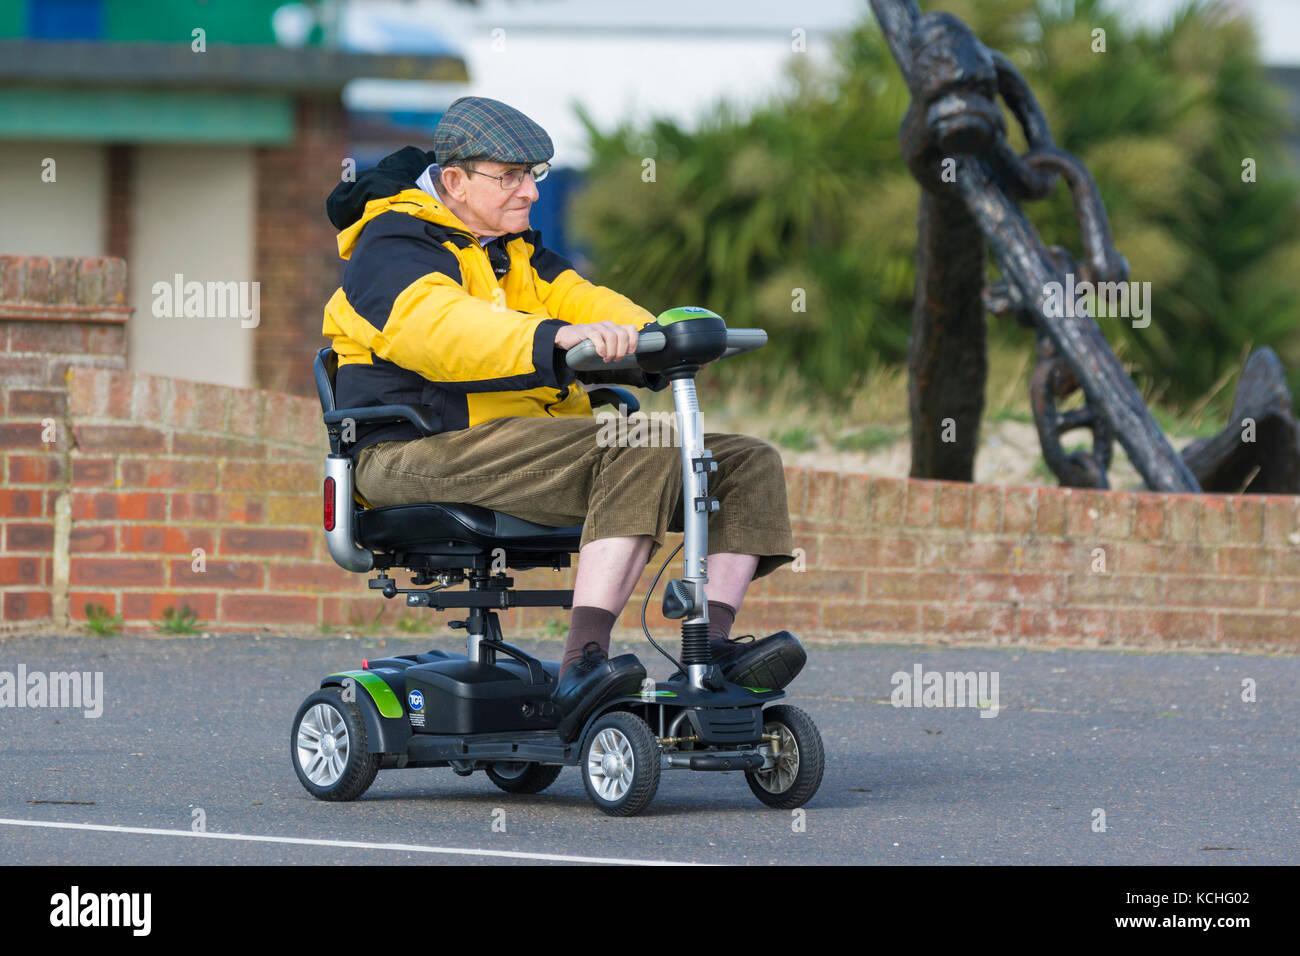 Uomo anziano a cavallo su un materiale elettricamente powered mobility scooter, nel Regno Unito. Immagini Stock